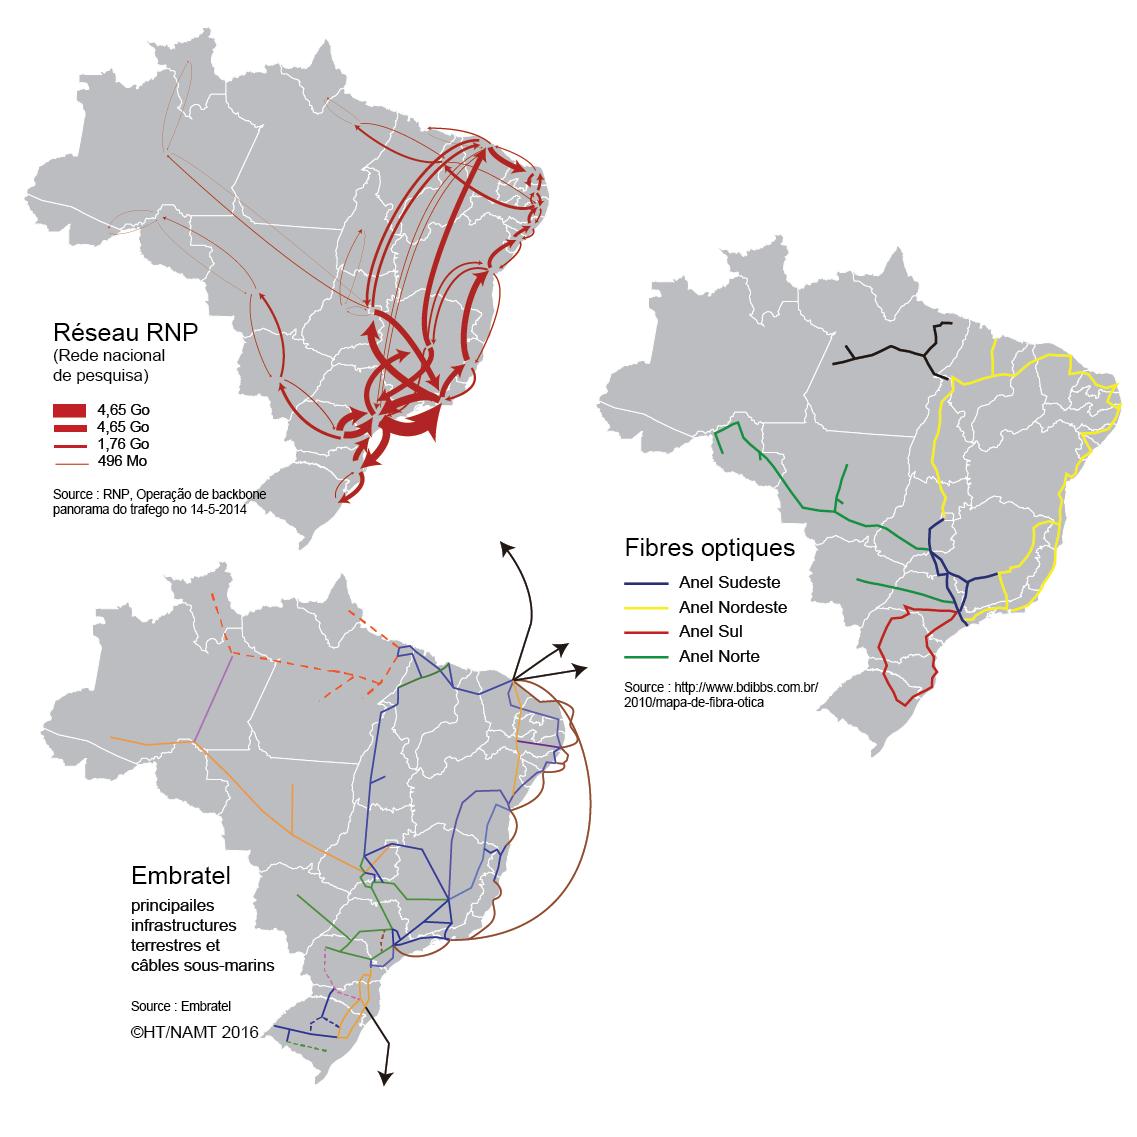 carte des réseaux de télécommunications et fibre optique au Brésil